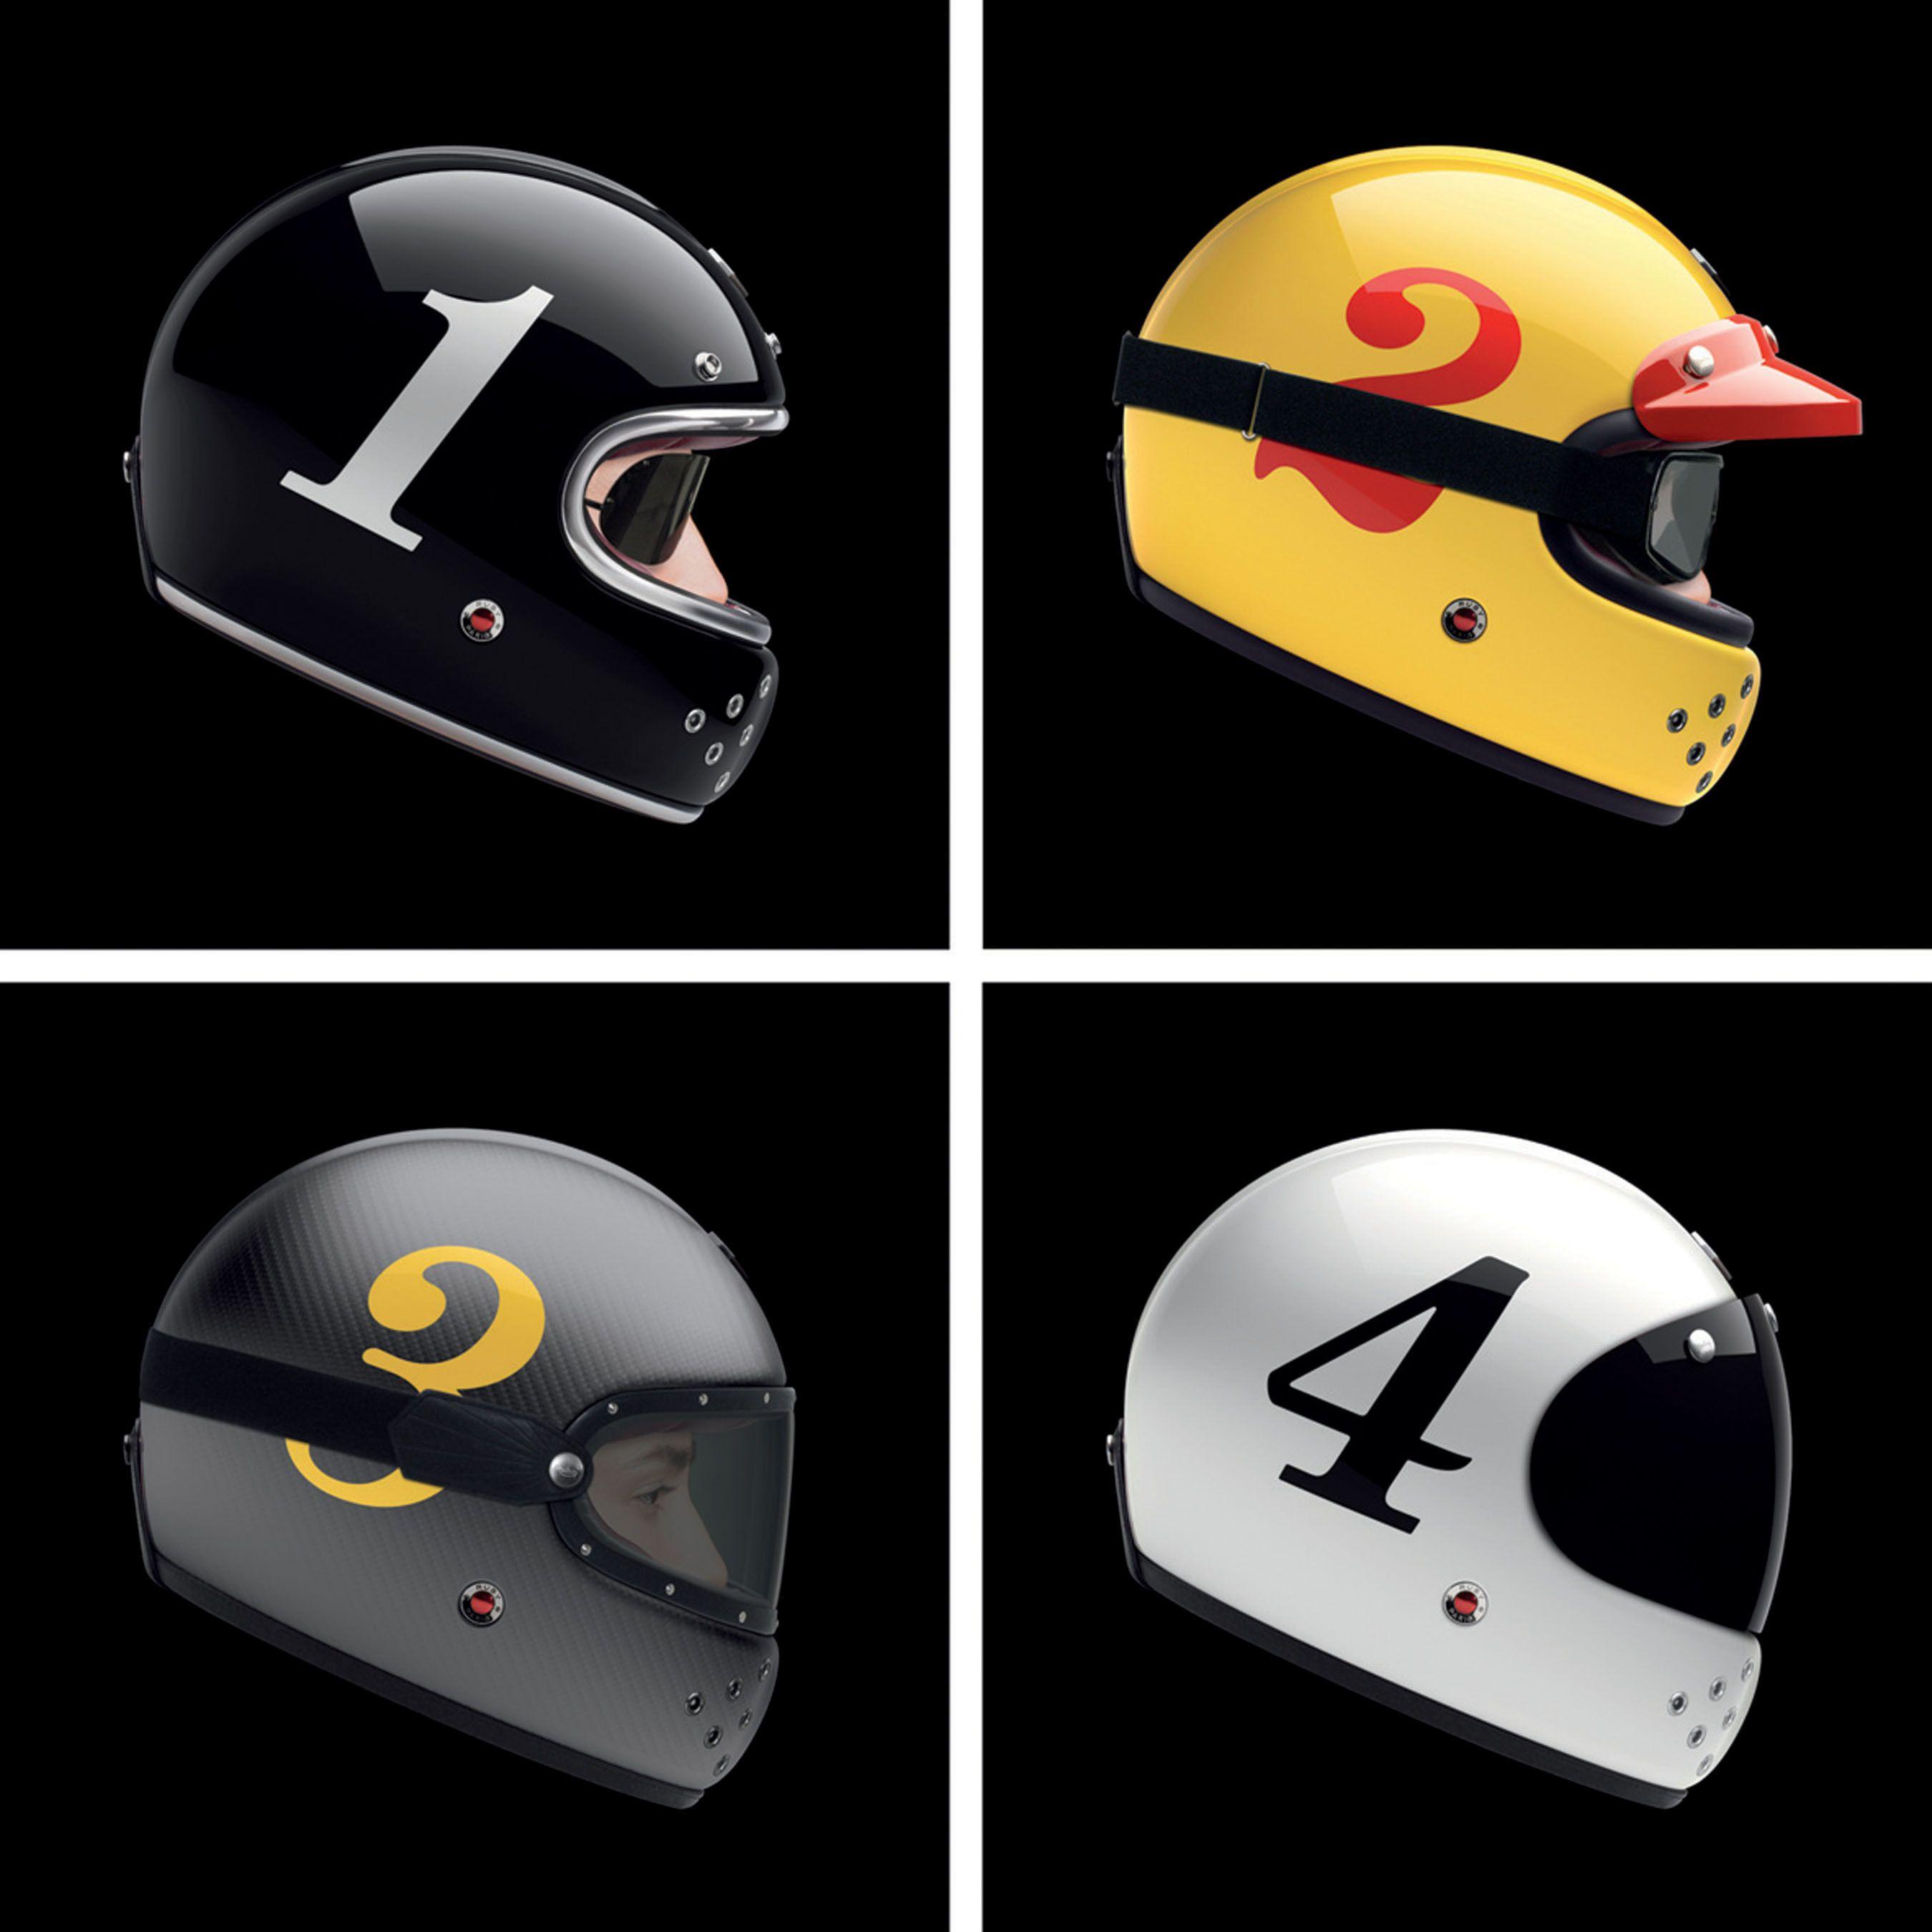 les ateliers moto 125cc custom pinterest moto accessoire moto et casque. Black Bedroom Furniture Sets. Home Design Ideas